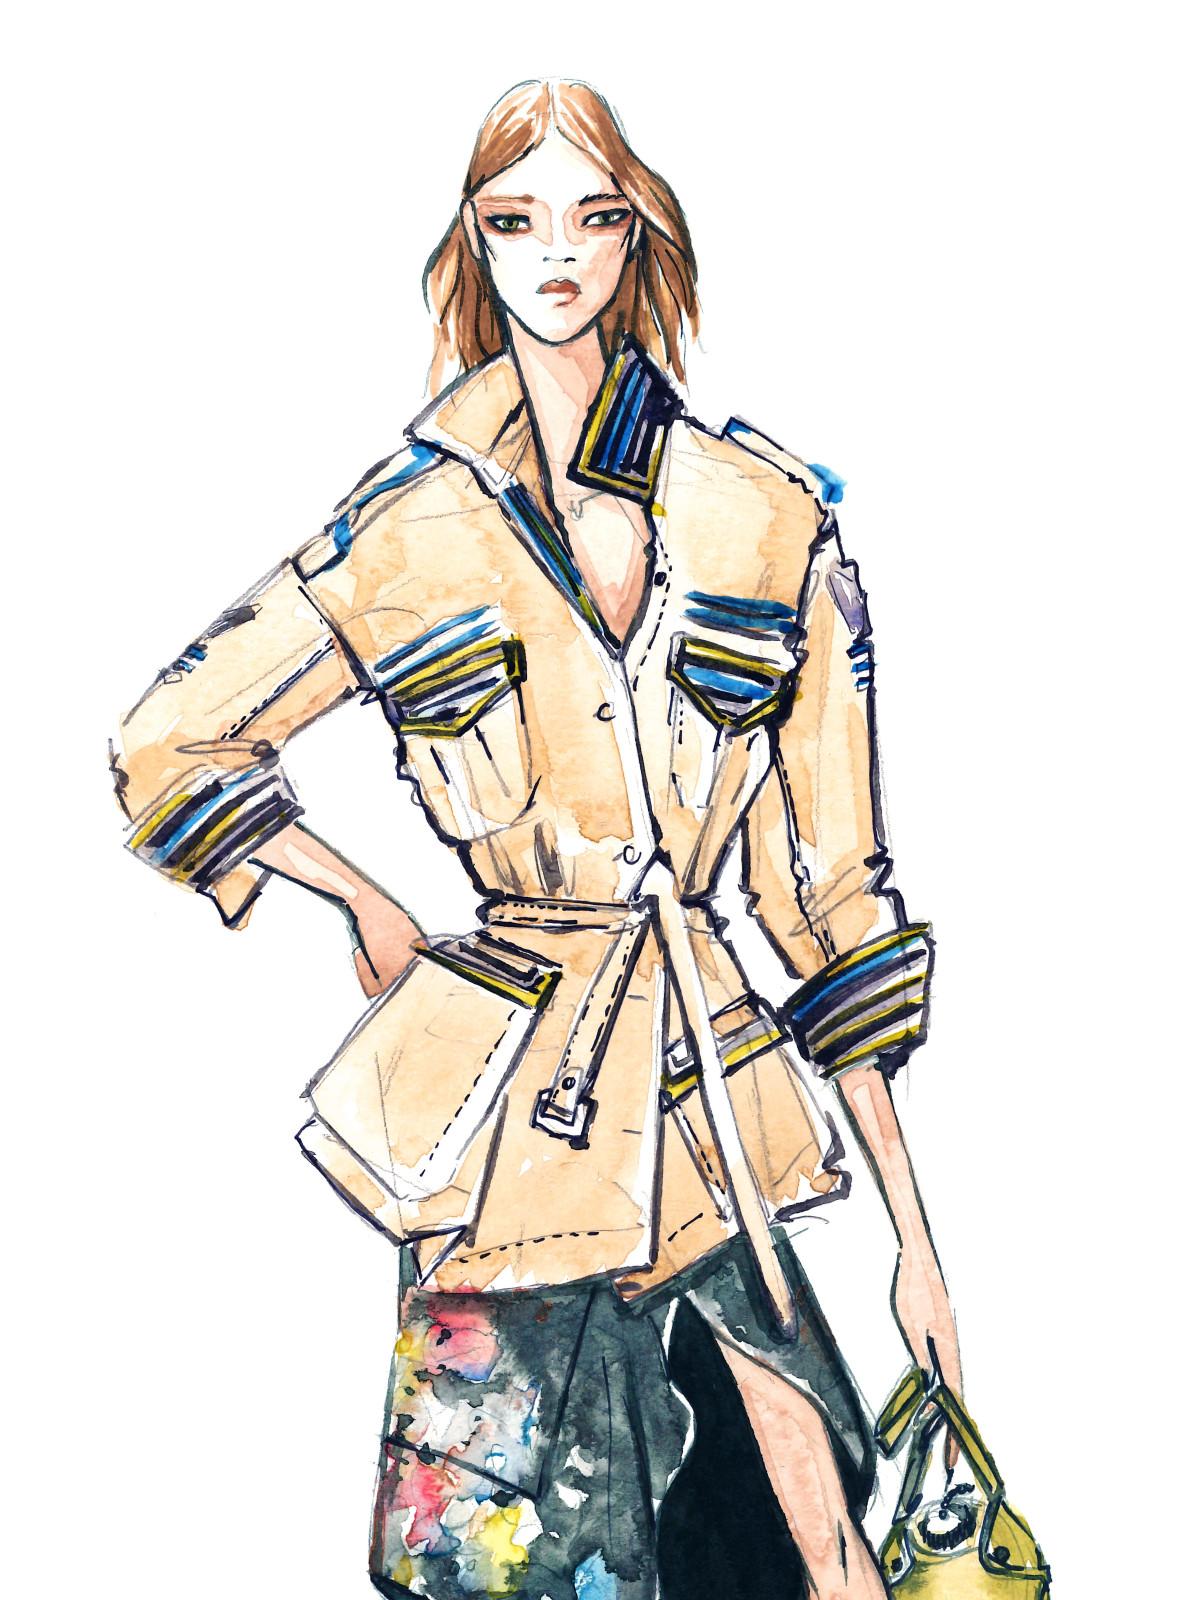 Nicole Miller designer inspiration sketch spring 2018